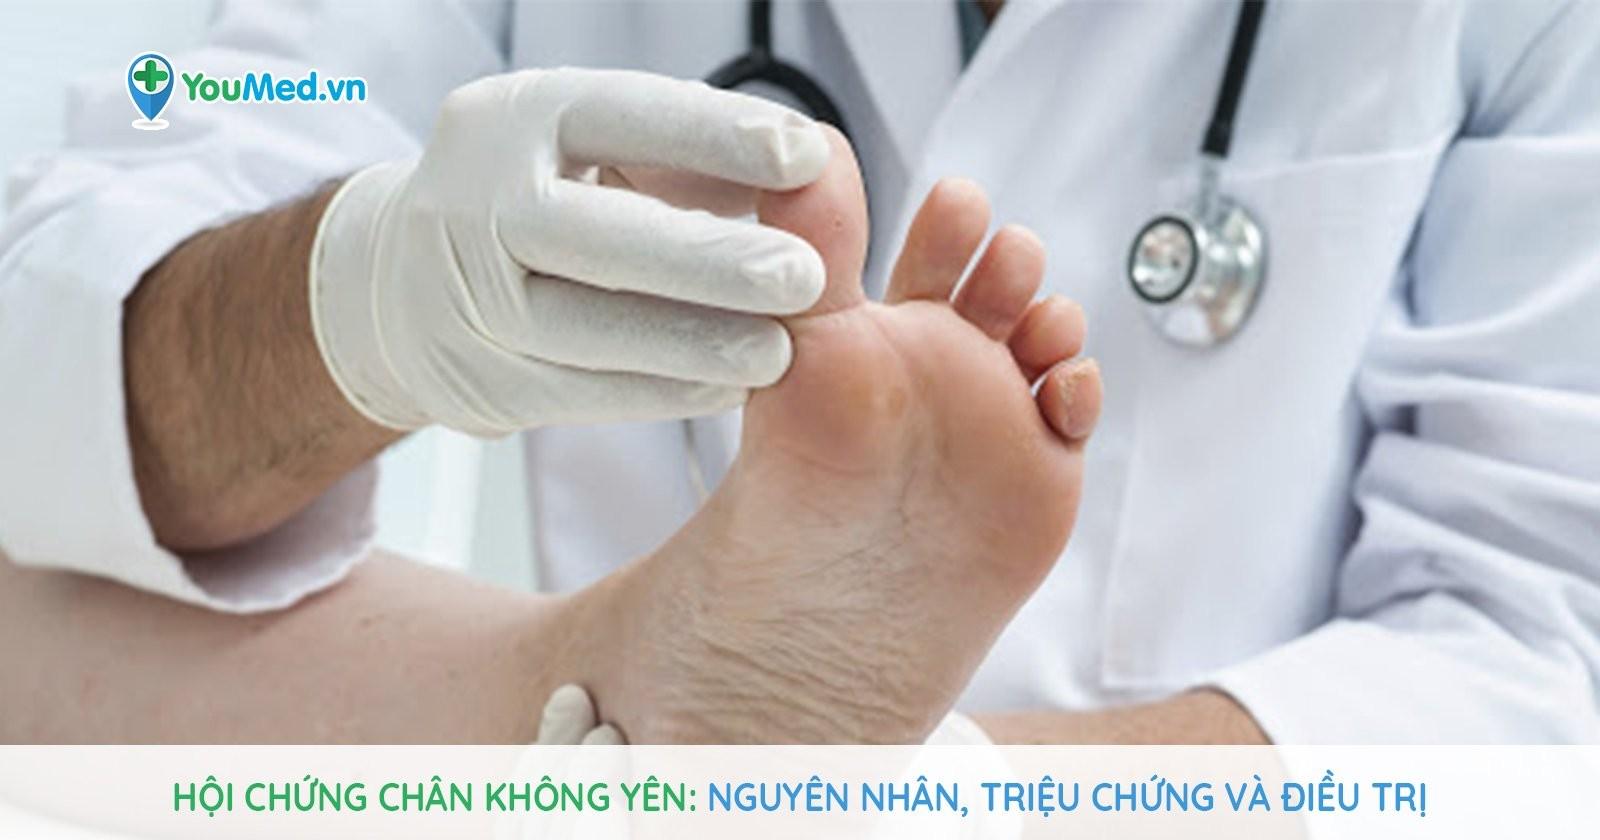 Hội chứng chân không yên: Nguyên nhân, triệu chứng và điều trị